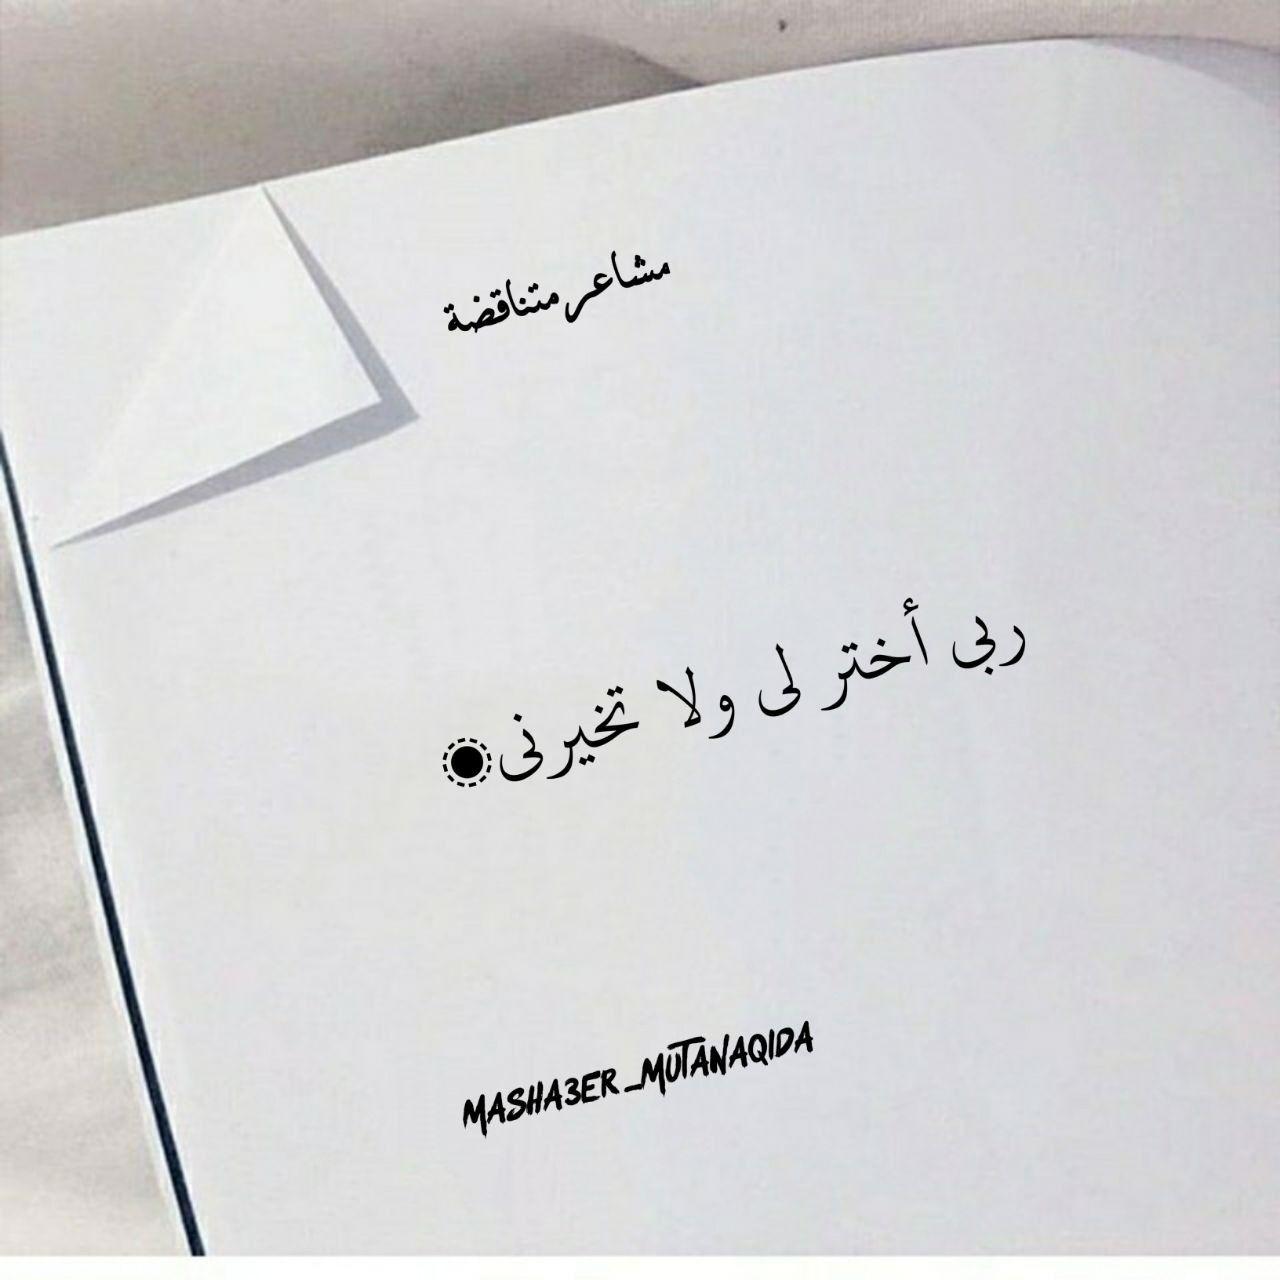 ربي أختر لي ولا تخيرني Cards Against Humanity Math Cards